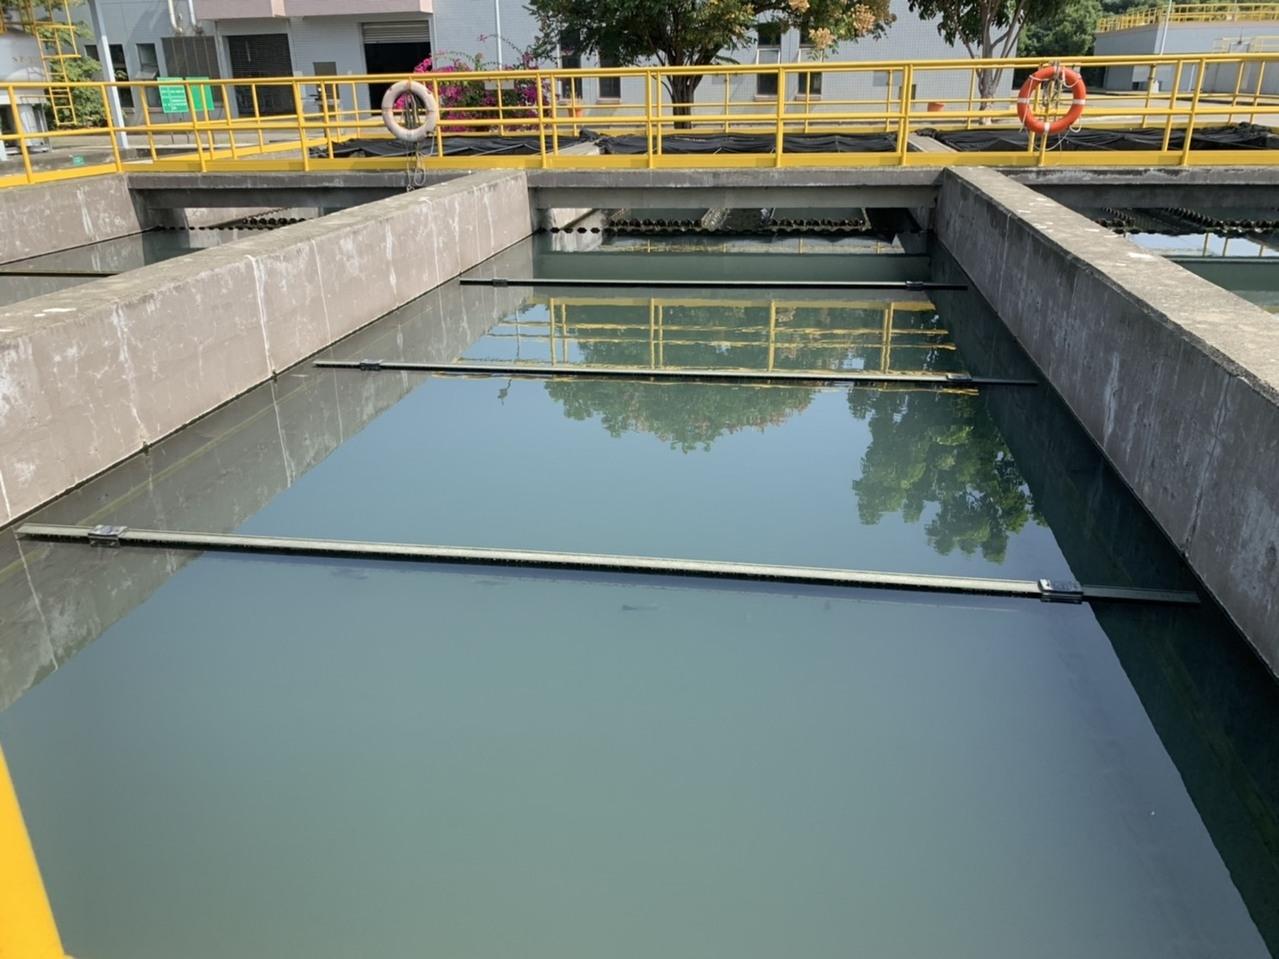 雲林科技工業區大北勢區汙水處理廠沉澱池內有魚類悠遊,顯現汙水處理技術先進純熟。記者陳苡葳/攝影